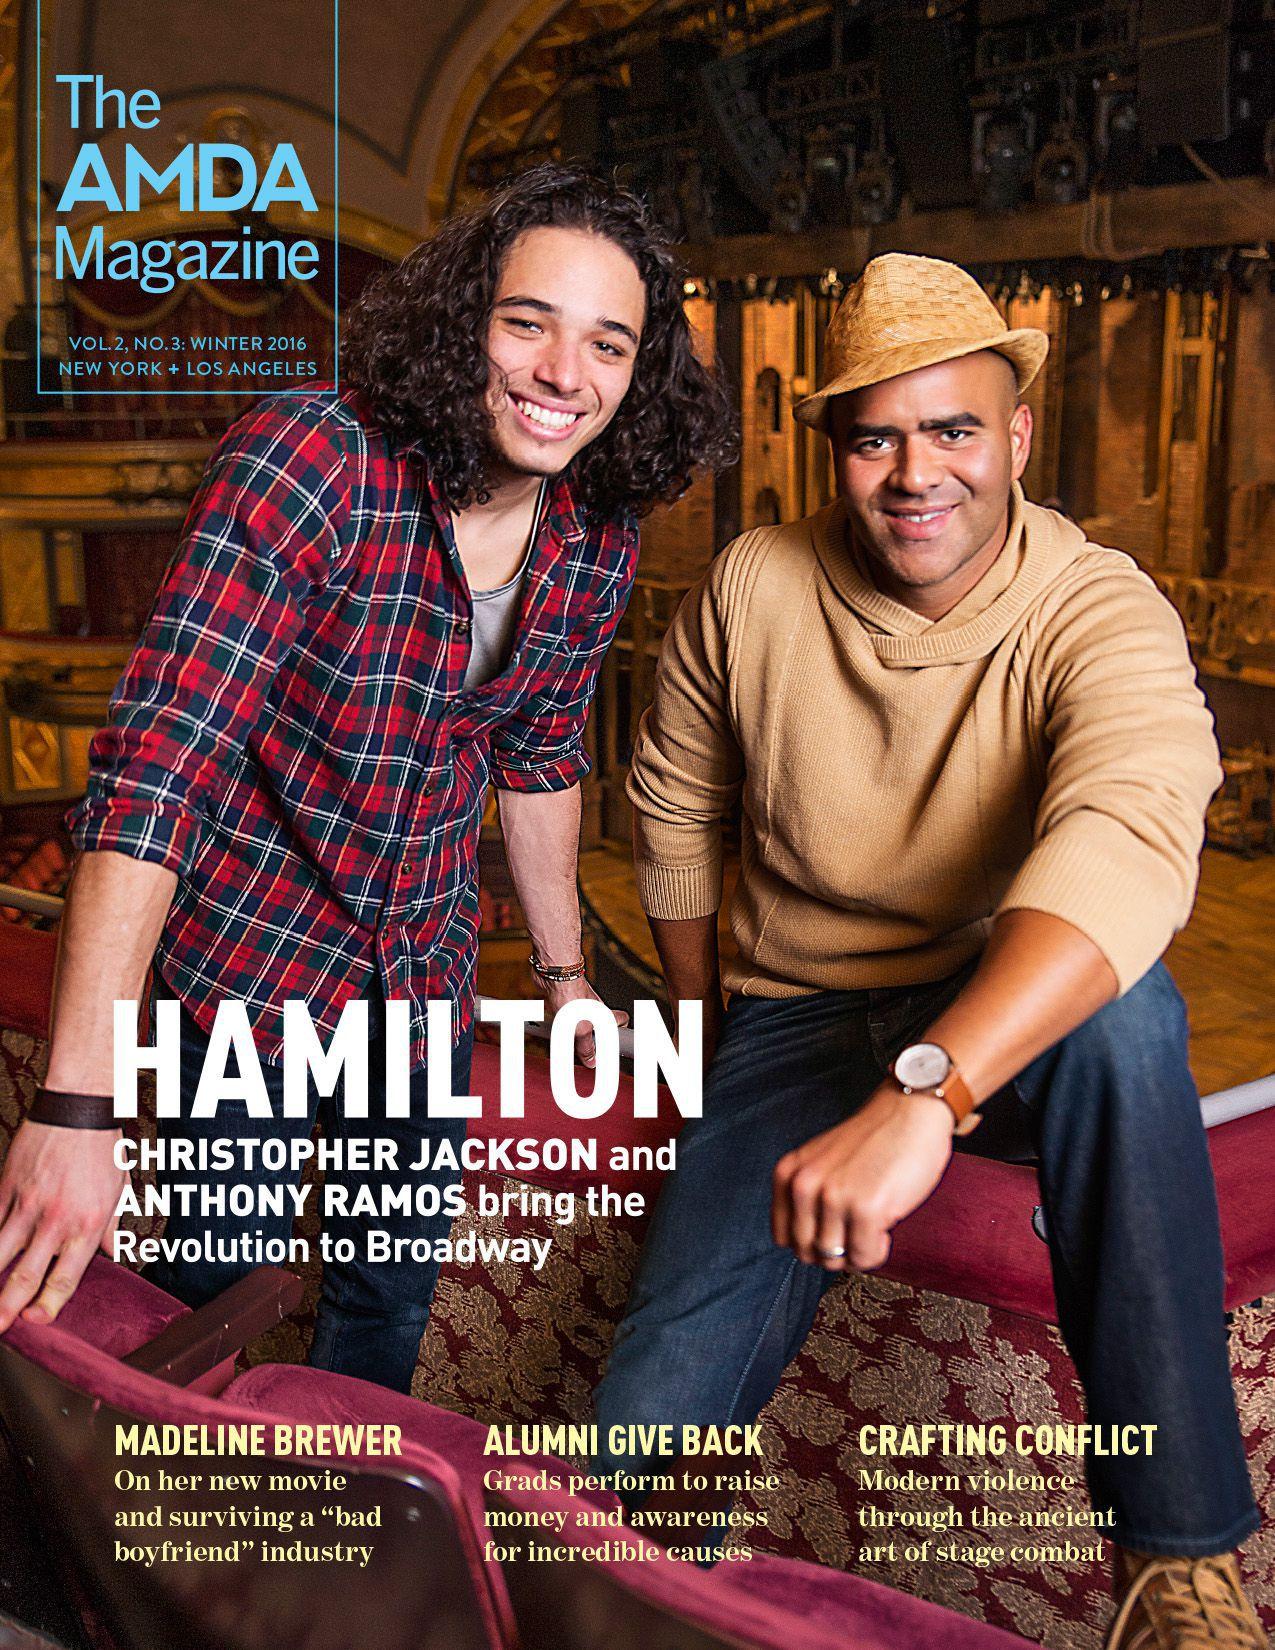 The AMDA Magazine